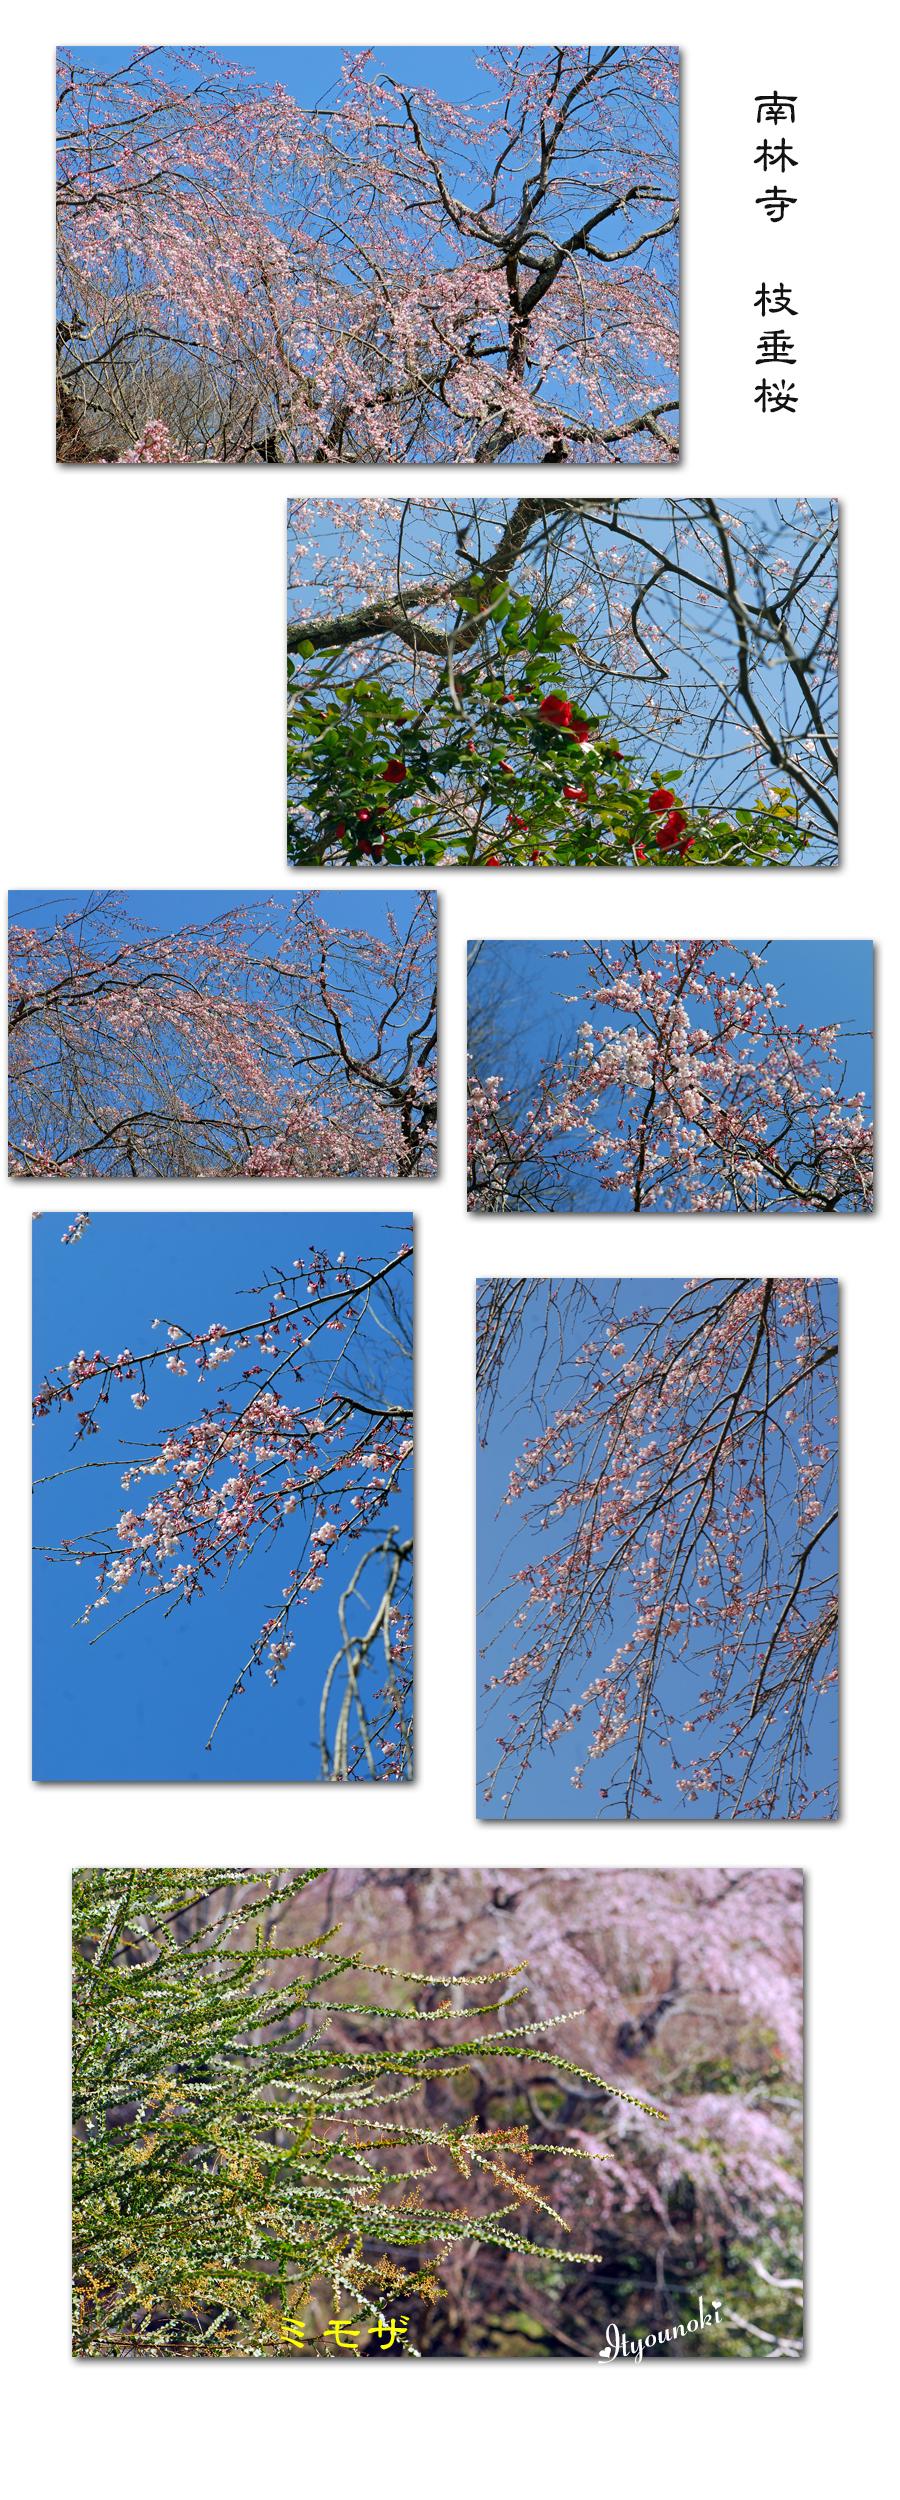 南林寺枝垂桜